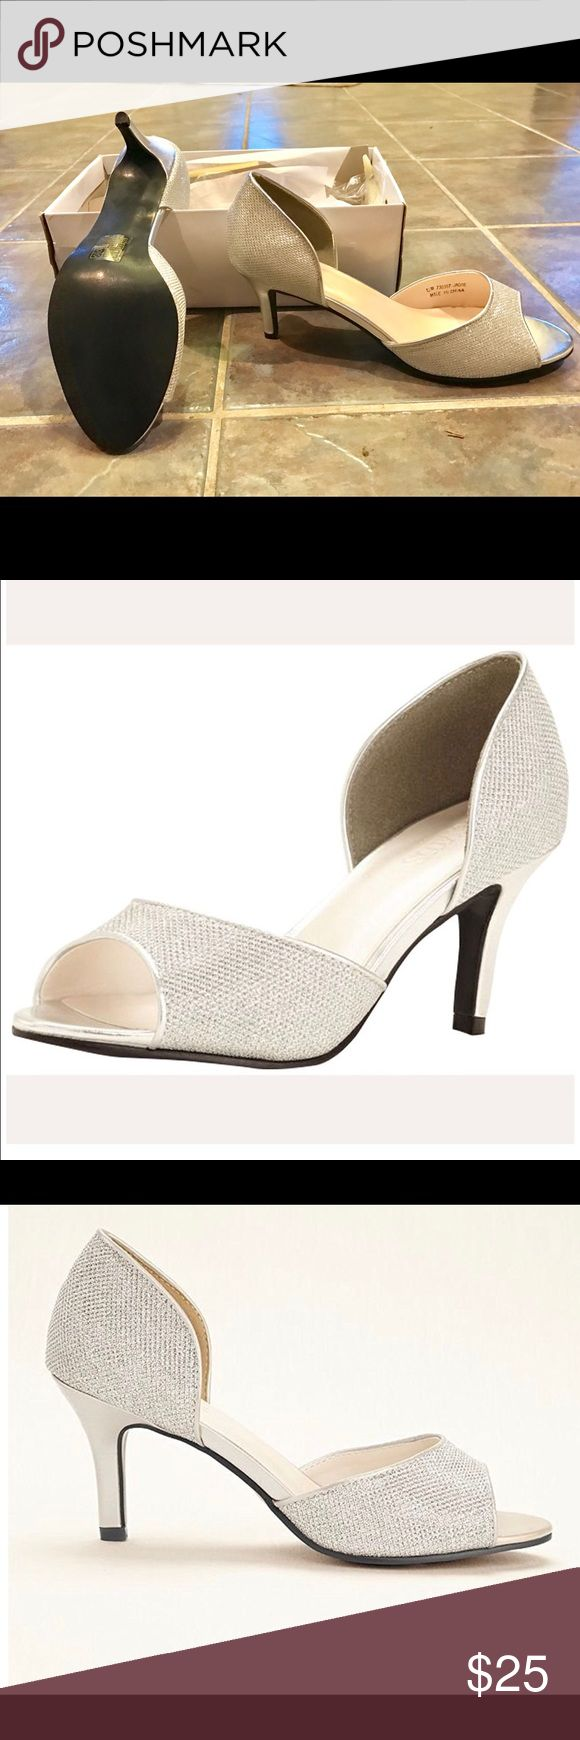 David's Bridal shoes. Shiny silver shoes David's Bridal Shoes Heels